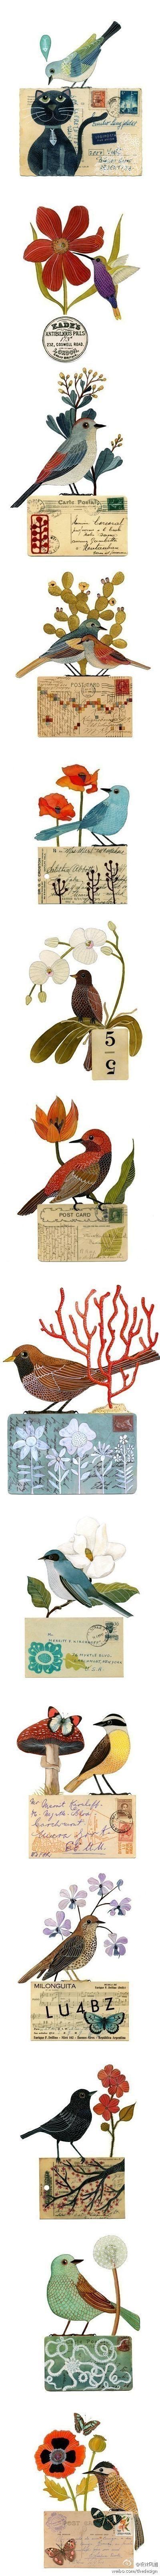 Veľké Latinskej vtáky Tumblr